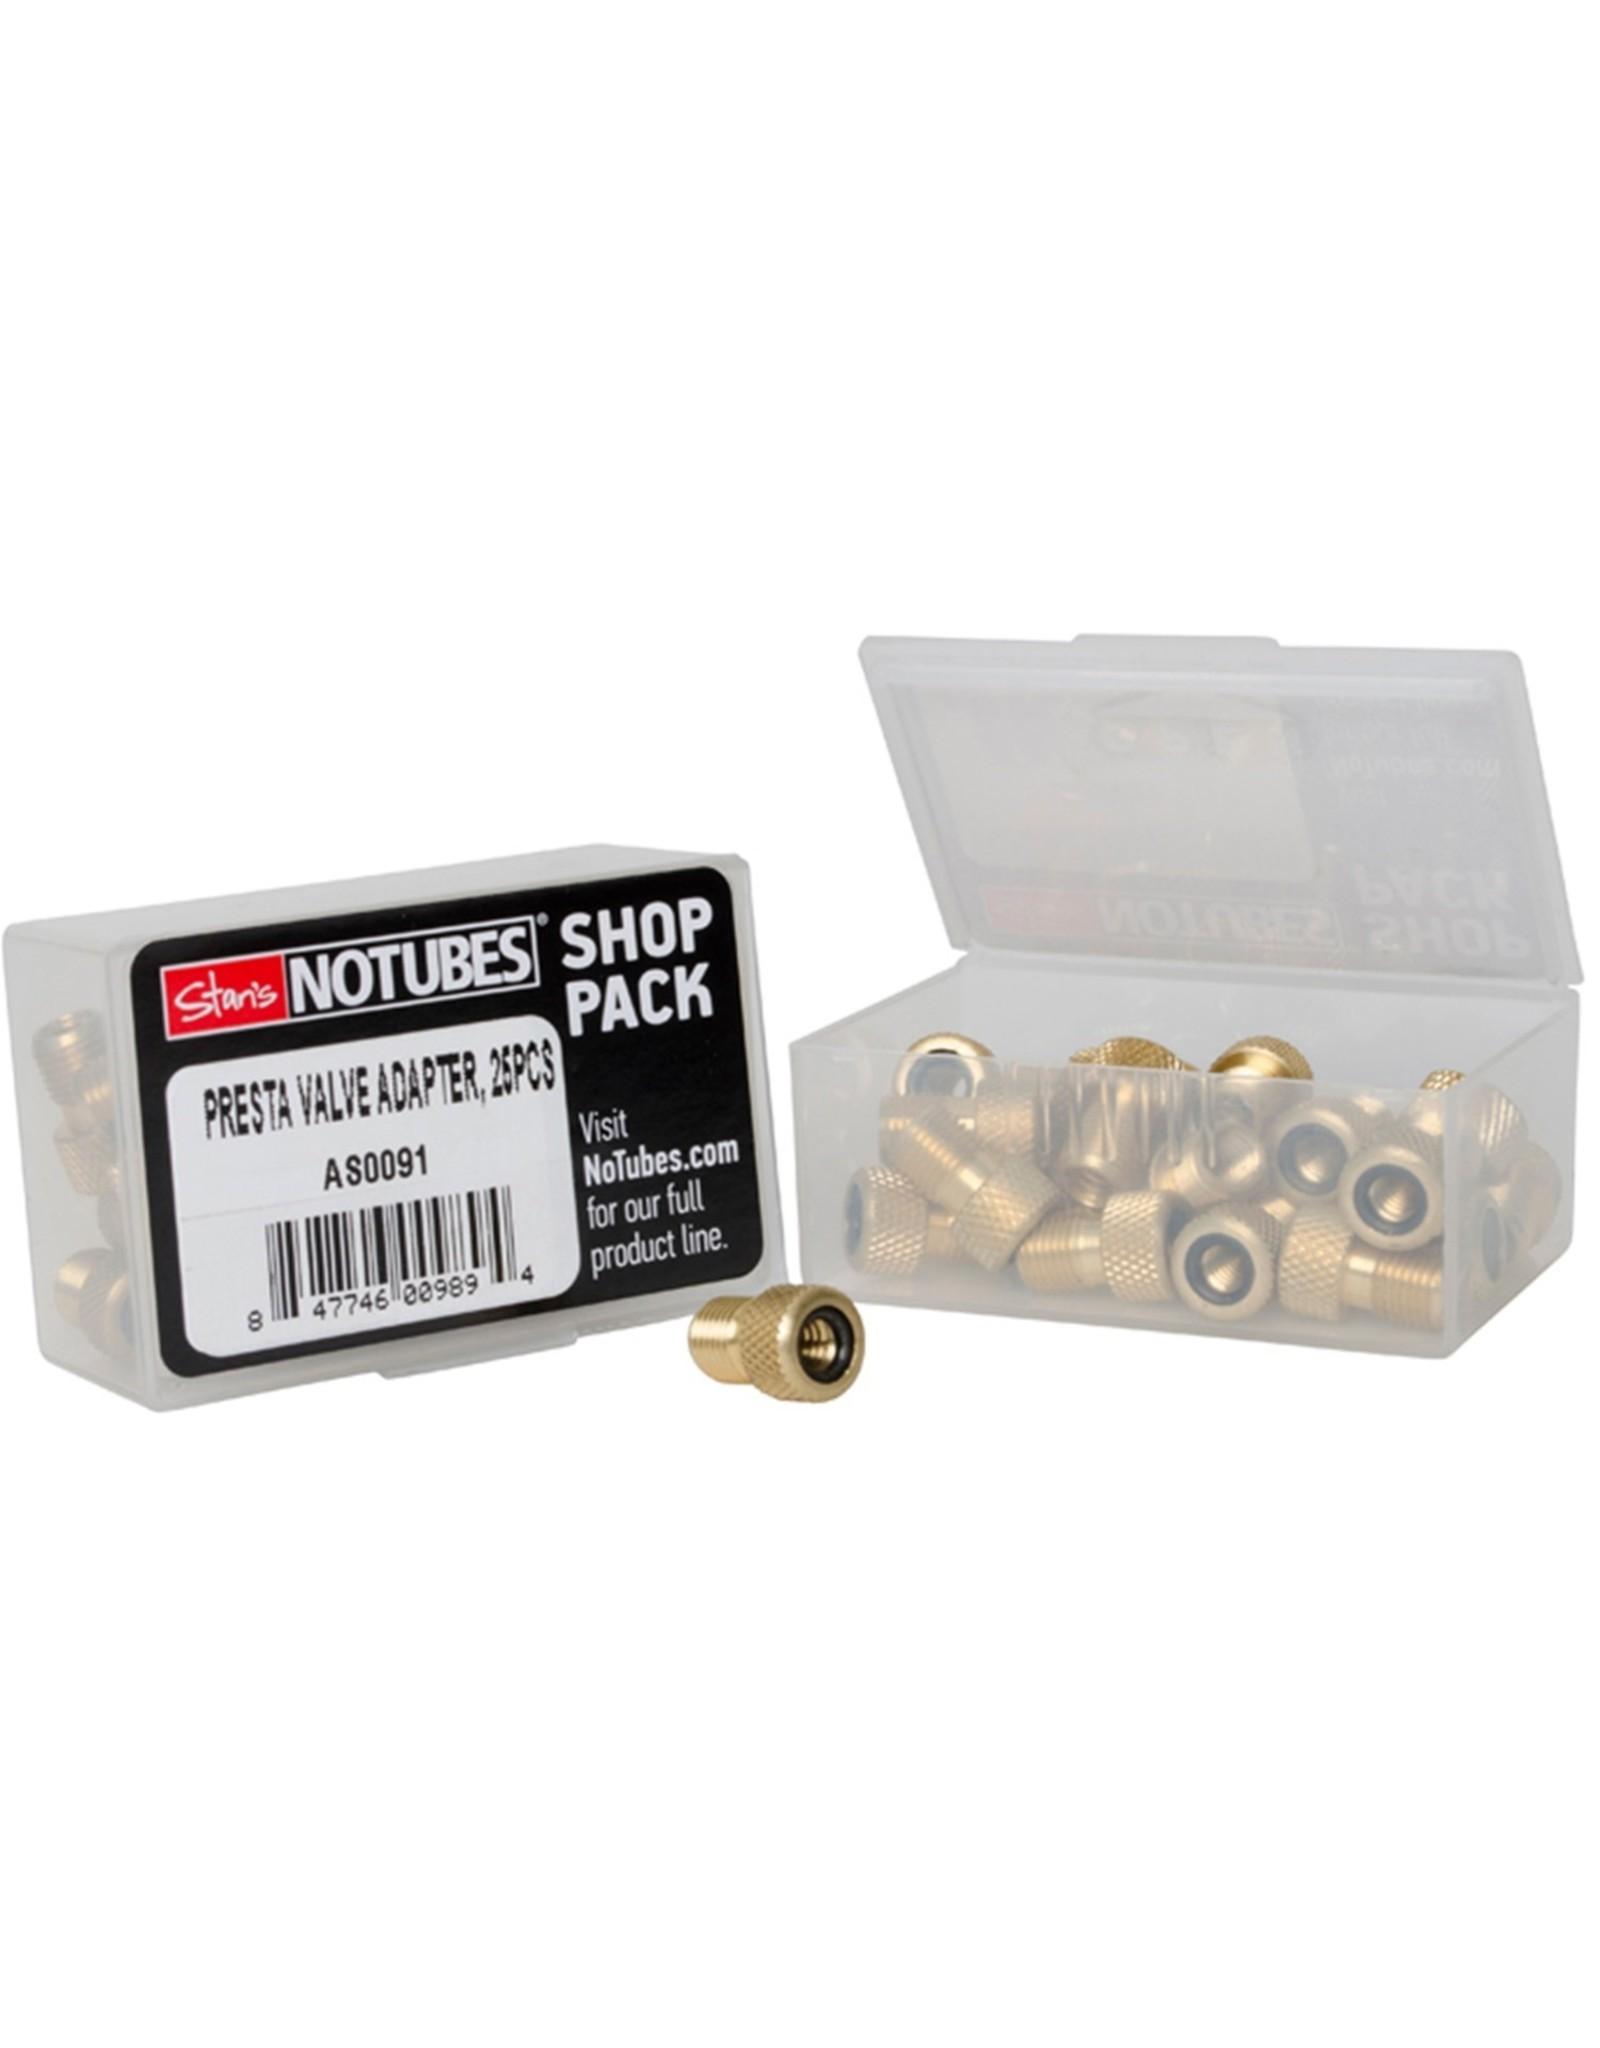 Stans NoTubes Stans NoTubes Shop Pack Presta Valve Adapters (25pcs)